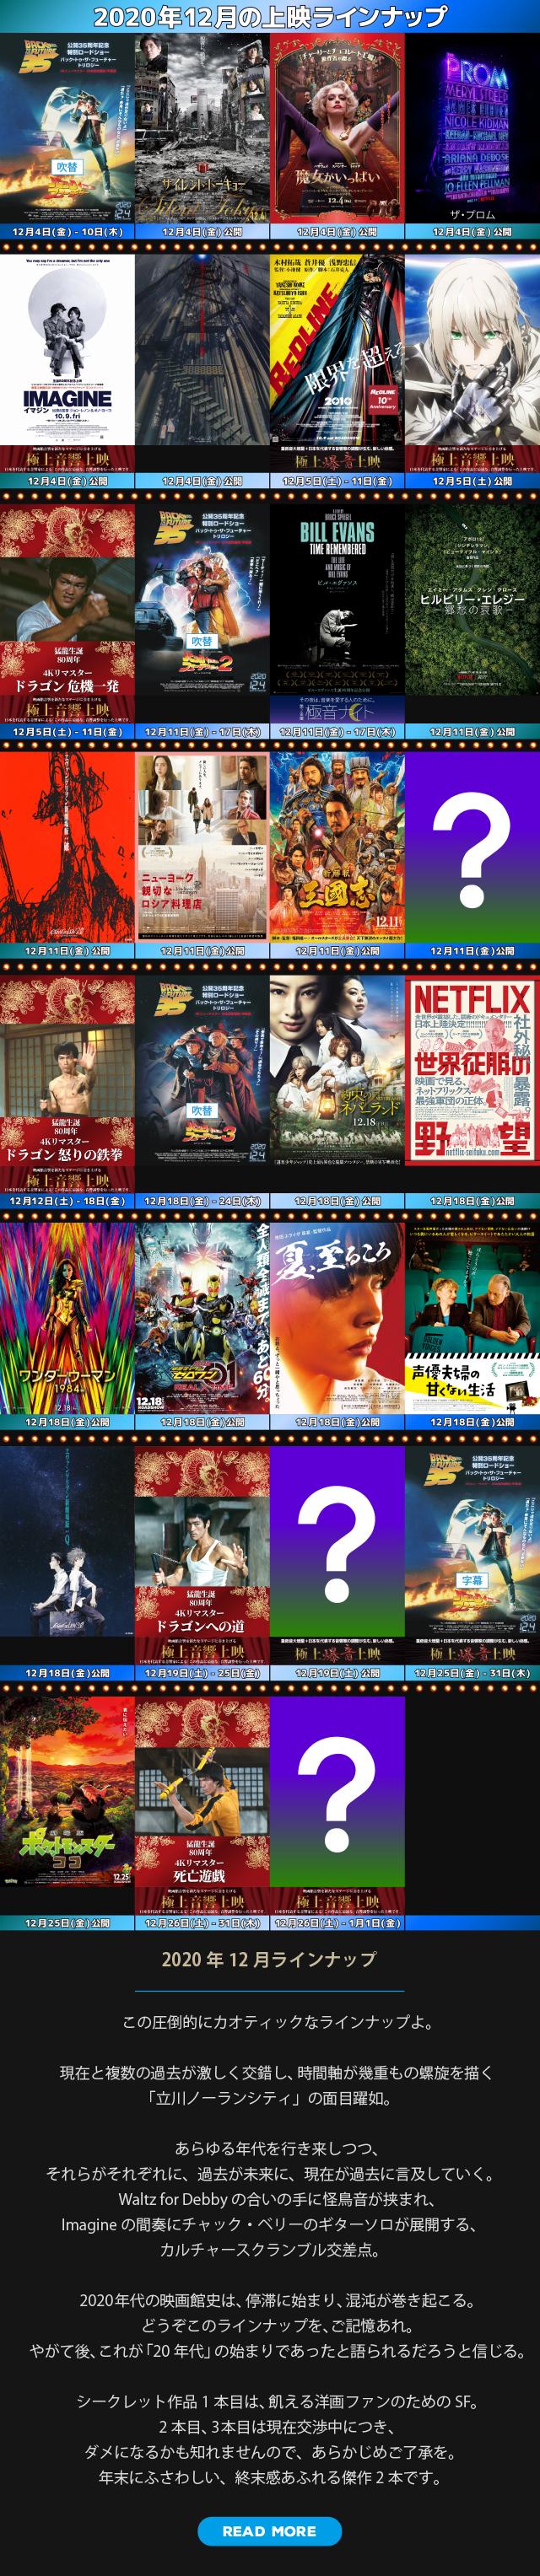 12月ラインナップ/『REDLINE』『ブルース・リー』『ヱヴァ新劇』『BTTF』ほか